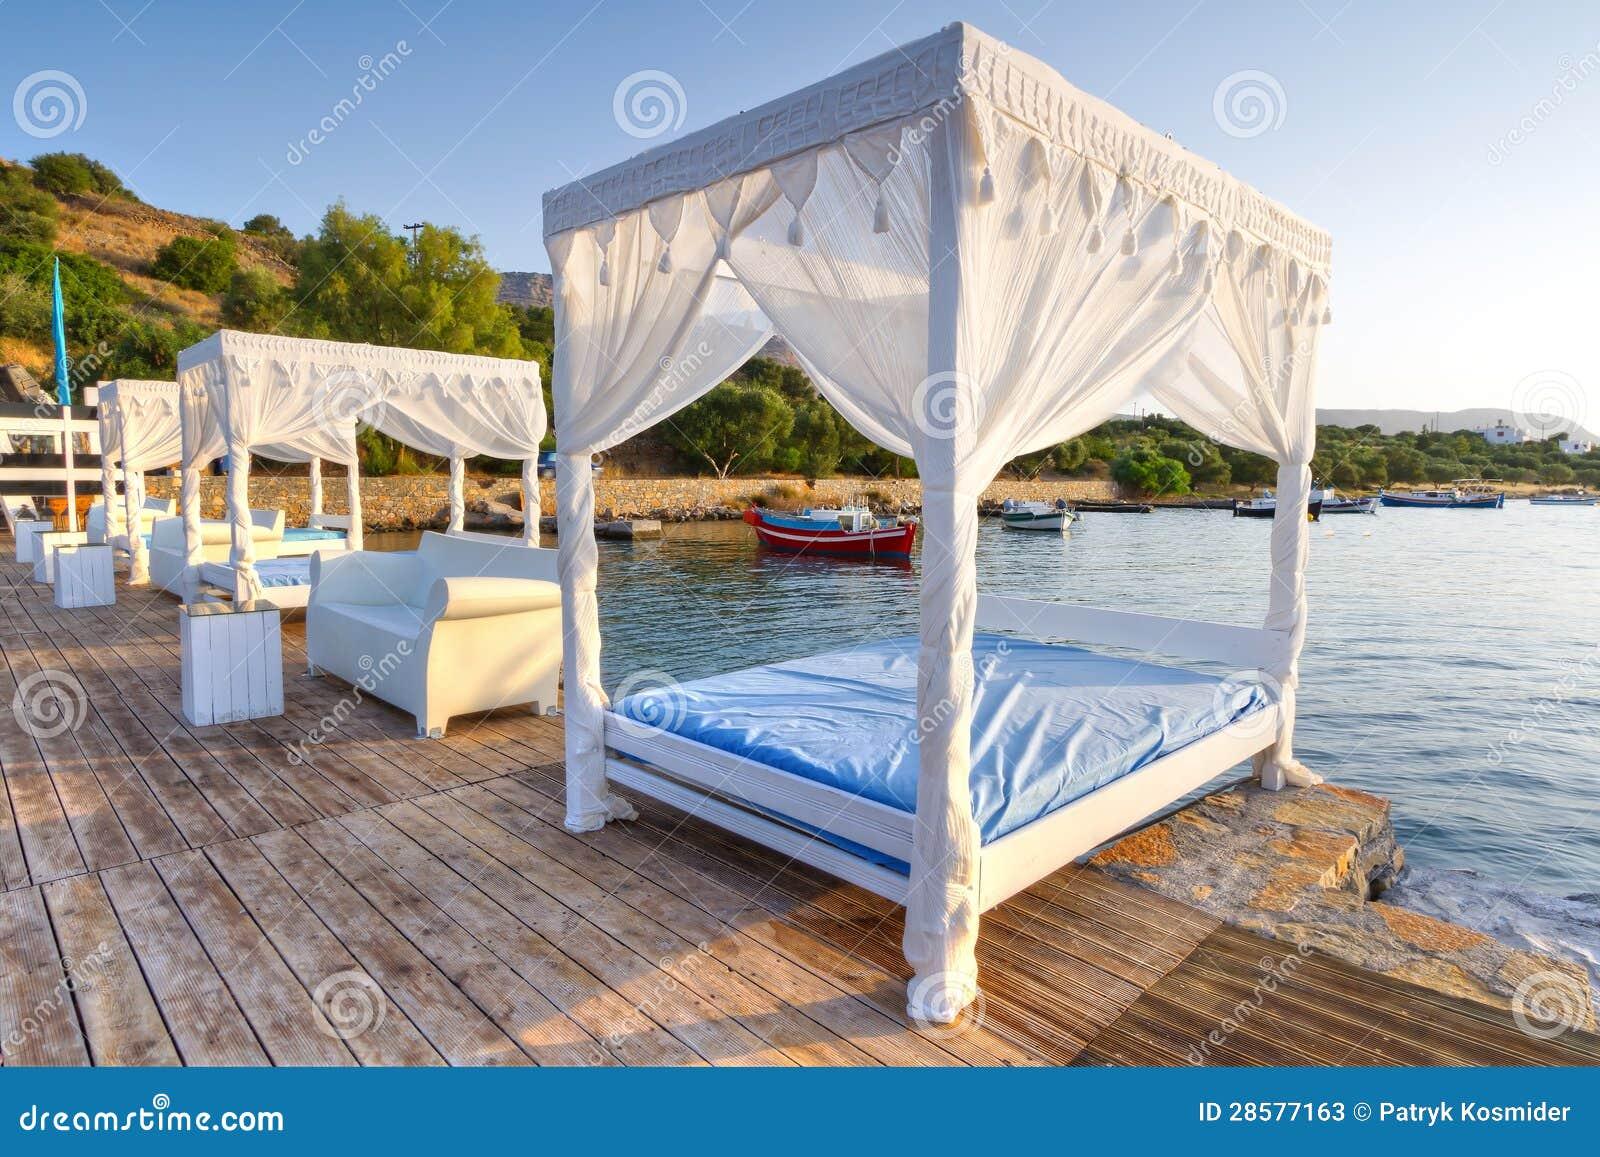 Letti bianchi sulla spiaggia pubblica di creta immagine for Letti bianchi